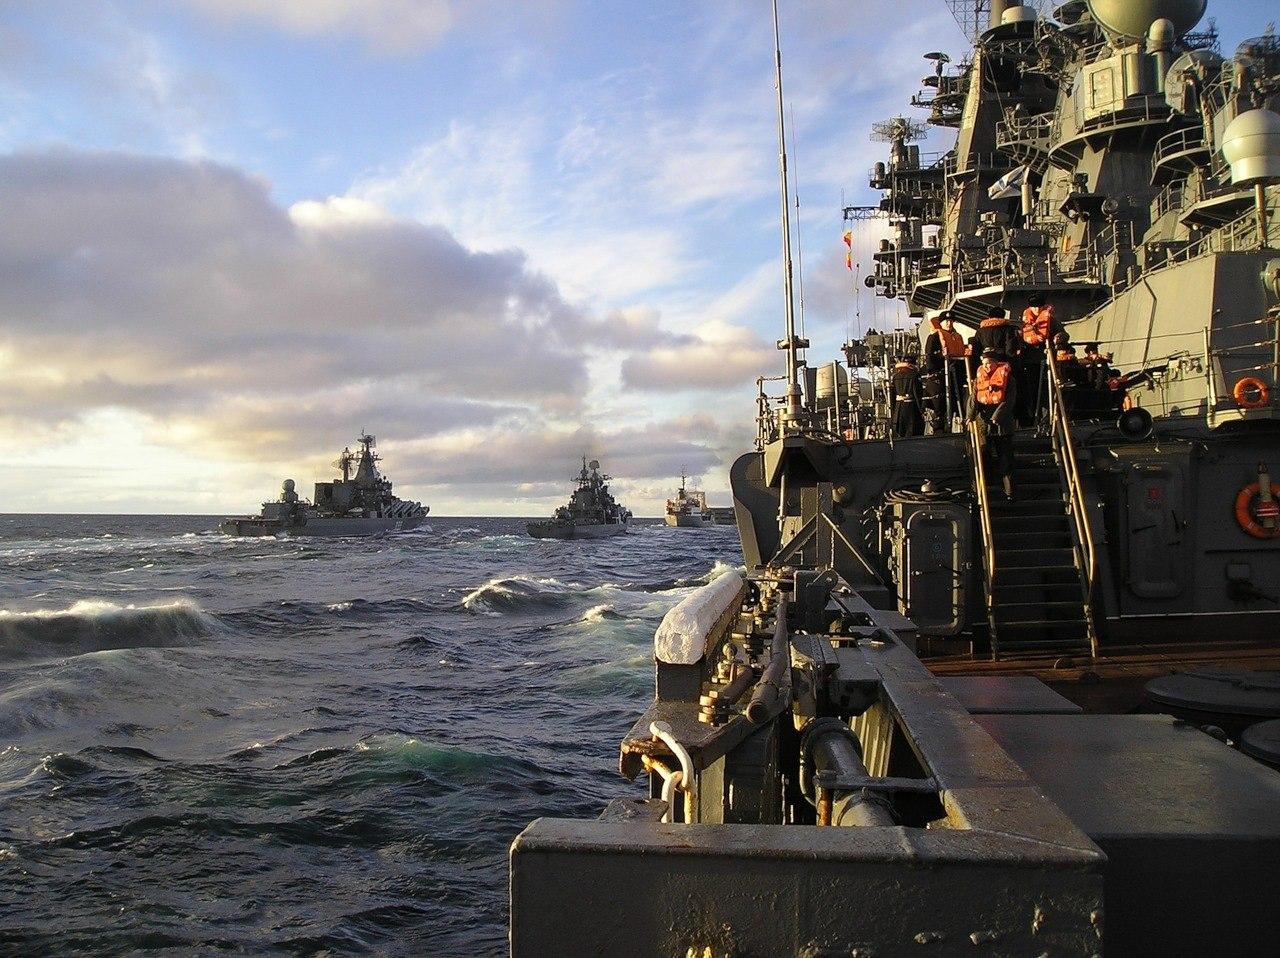 世界 最大 基洛夫/俄罗斯海军目前还保有核动力巡洋舰作为海上主要力量,虽然这些...